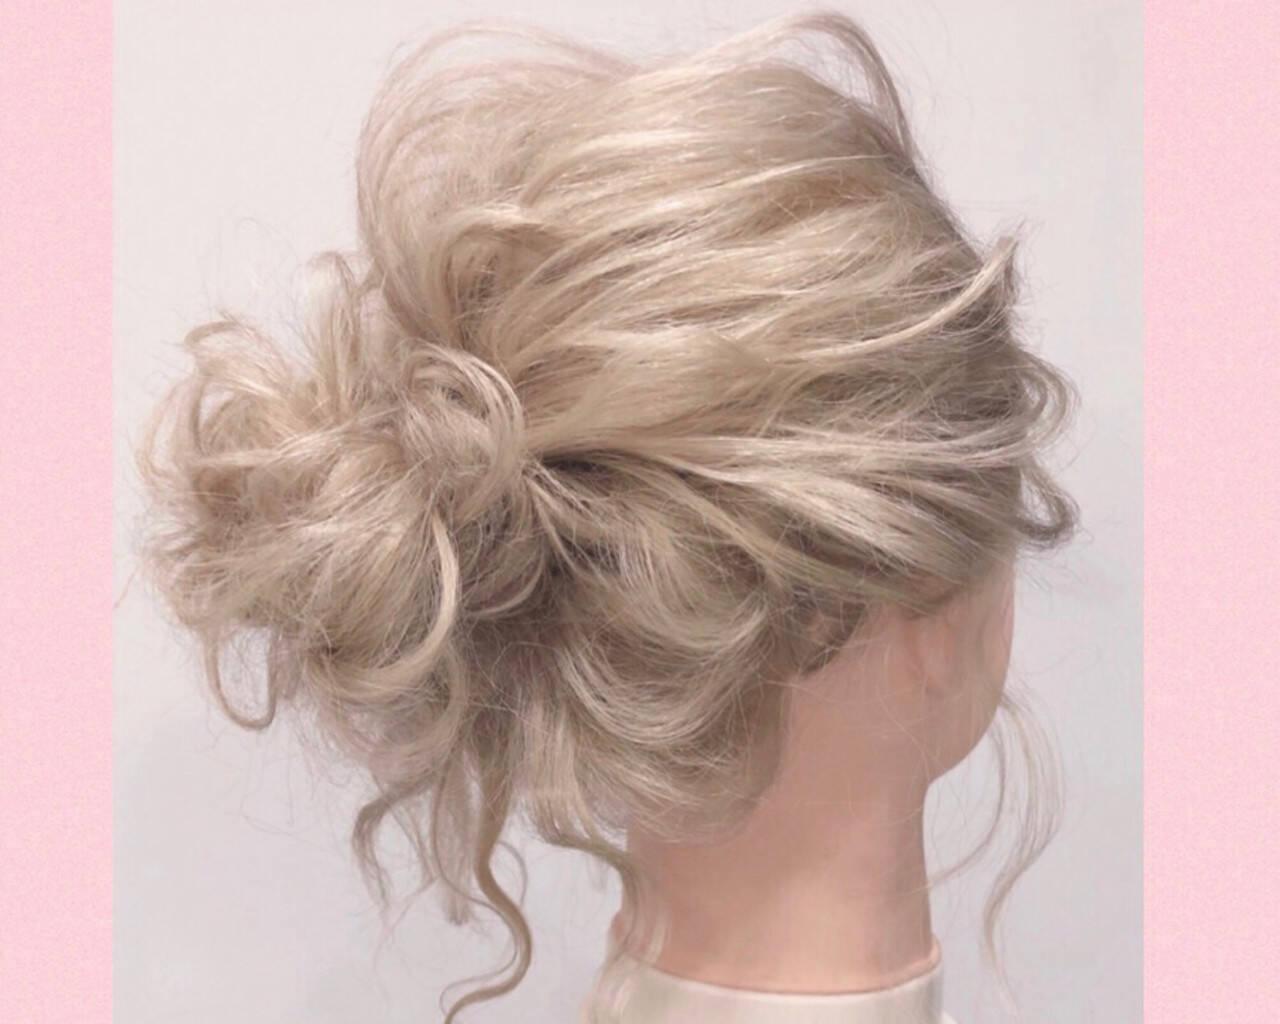 ヘアセット 簡単ヘアアレンジ エレガント ブライダルヘアスタイルや髪型の写真・画像